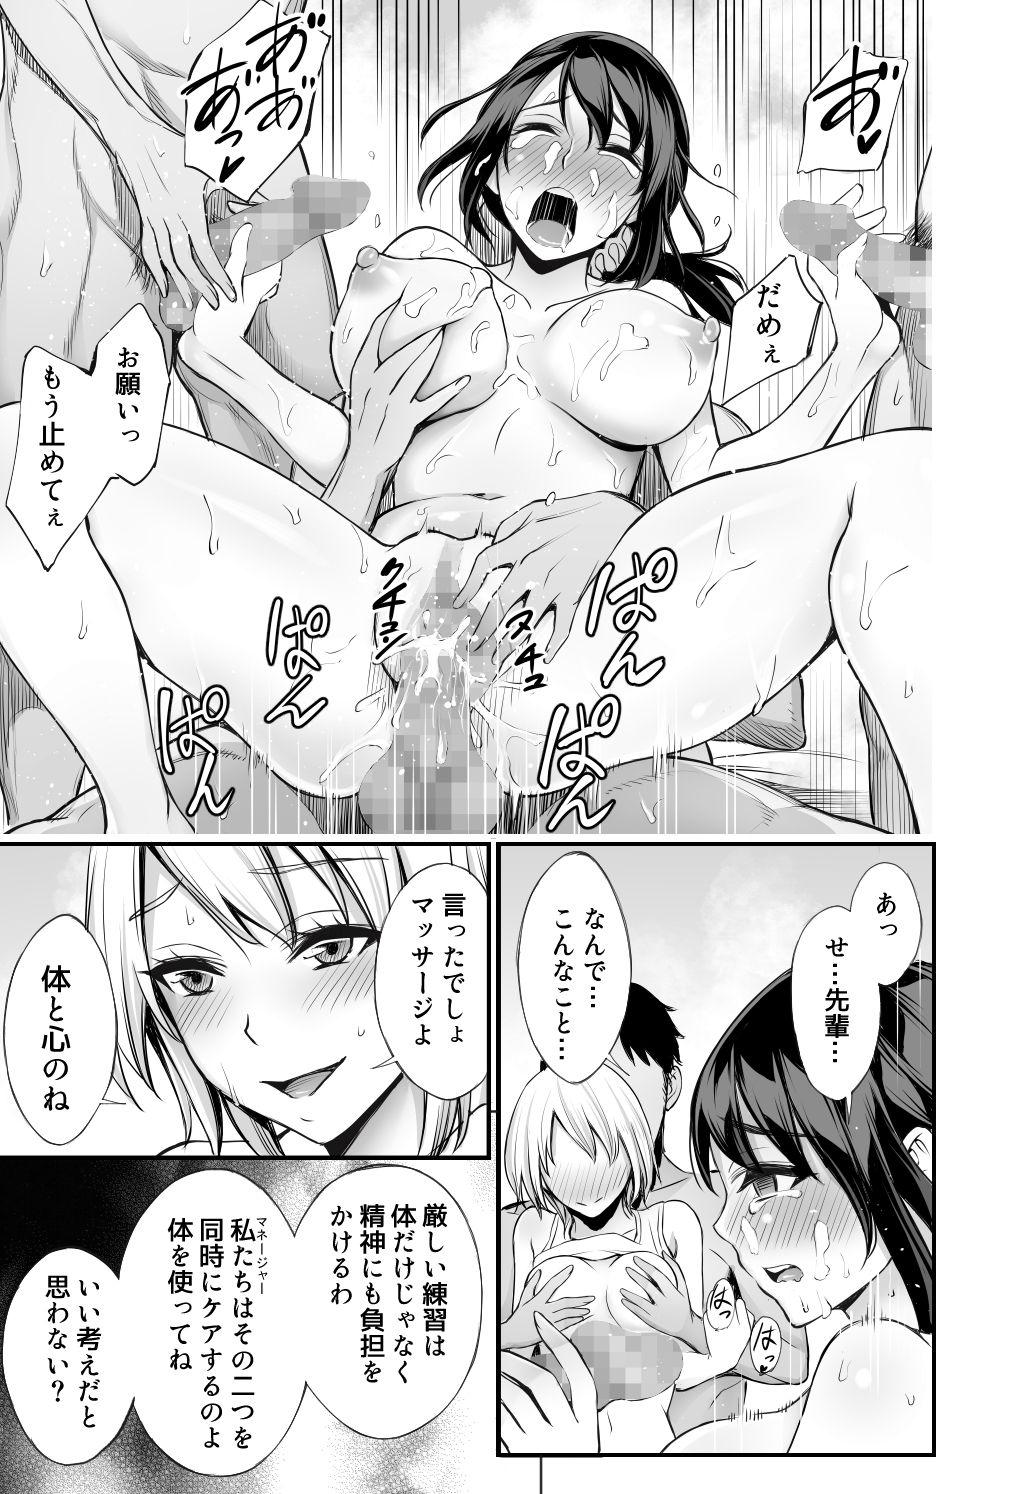 Futari no Yakusoku 21